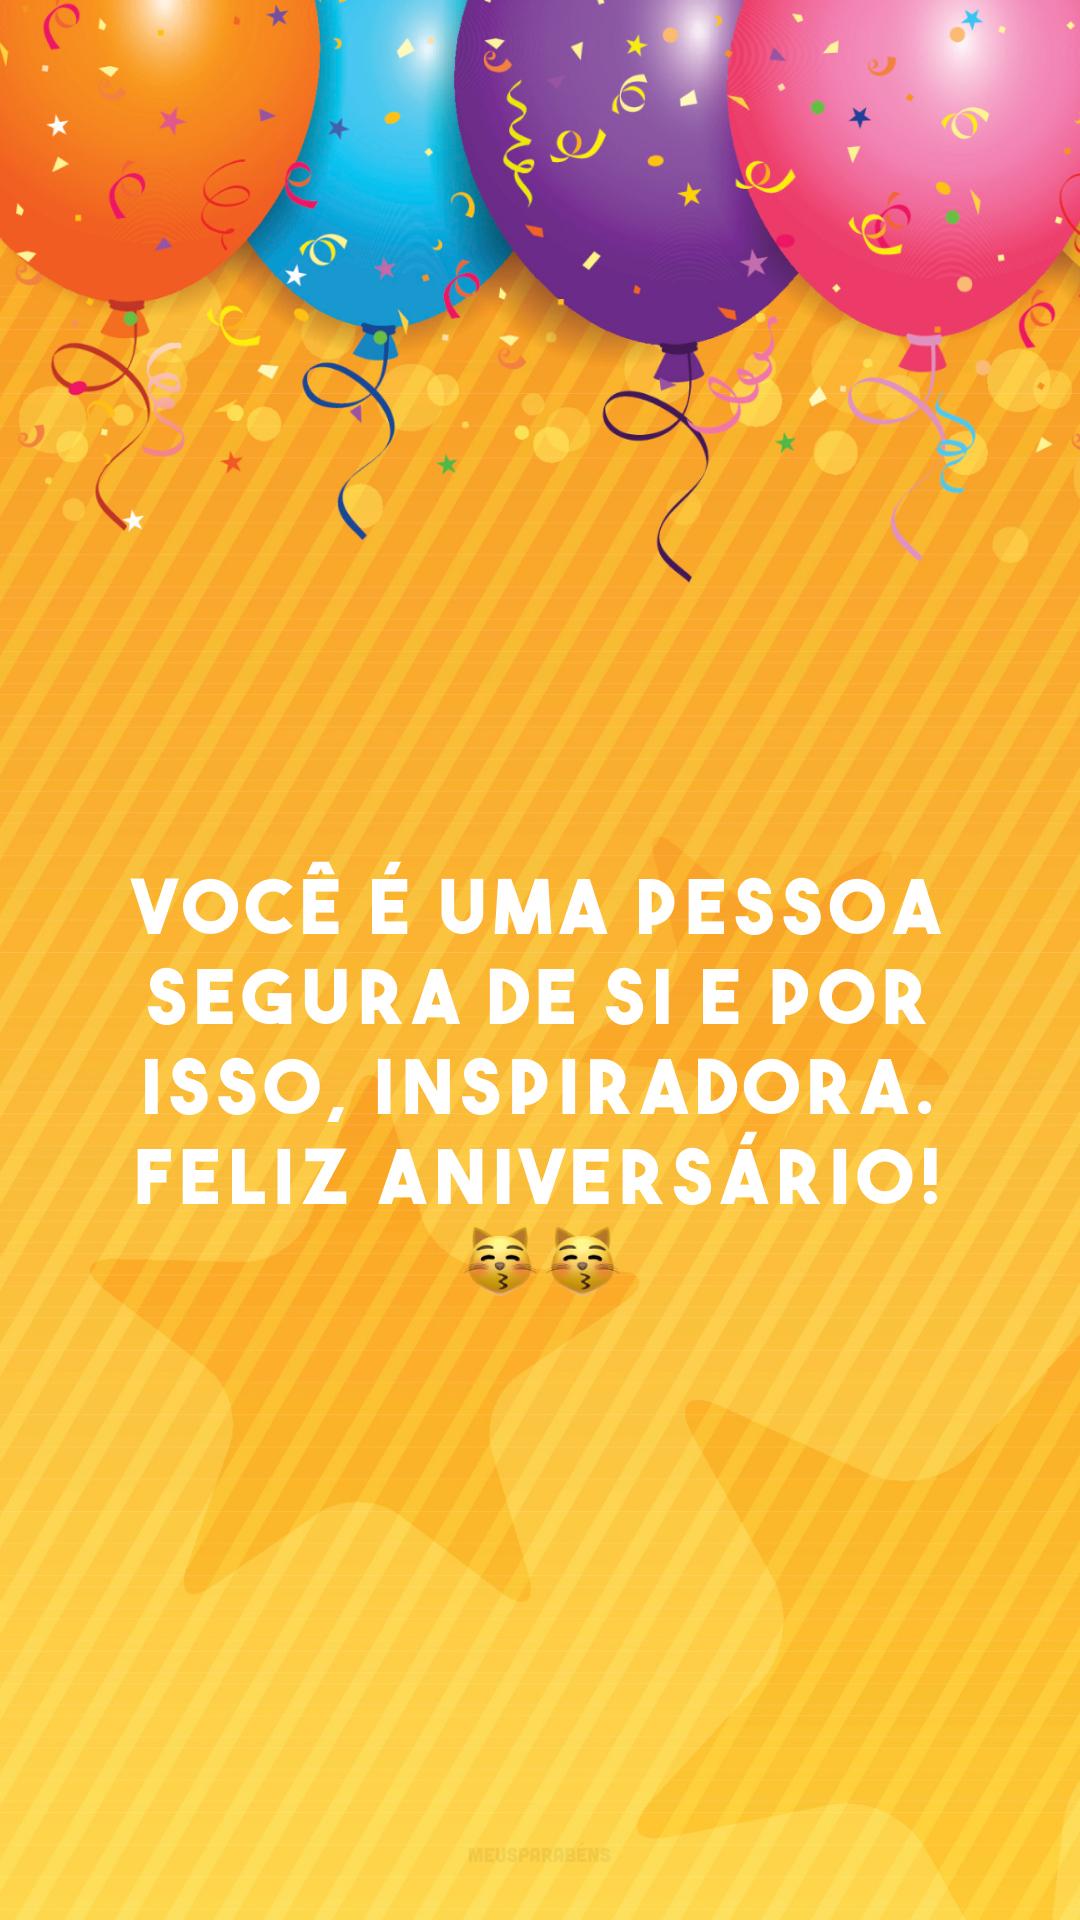 Você é uma pessoa segura de si e por isso, inspiradora. Feliz aniversário! 😽😽